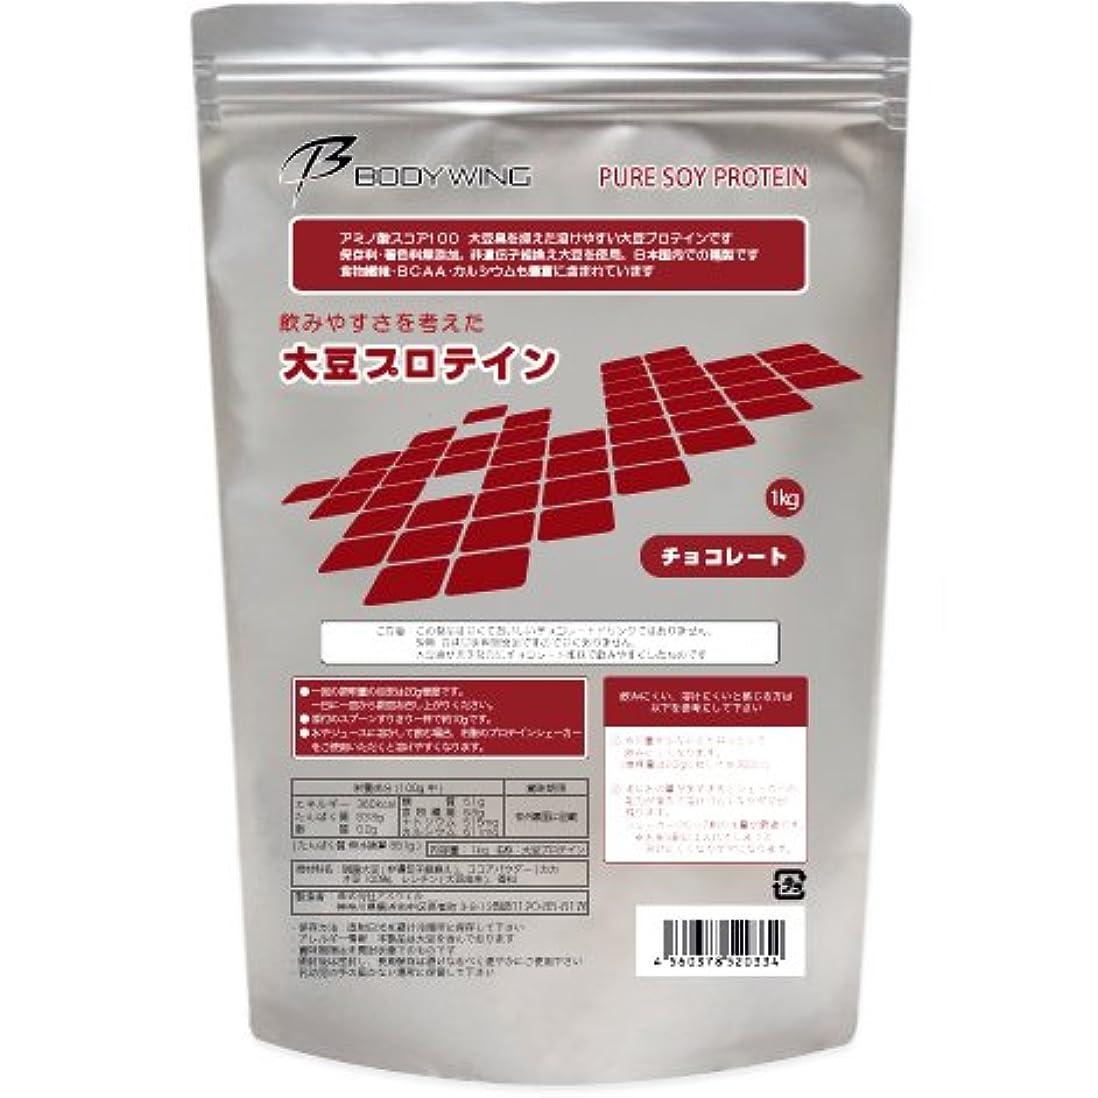 以来休憩ジェームズダイソン大豆プロテイン 1kg チョコレート 飲みやすいソイプロテイン